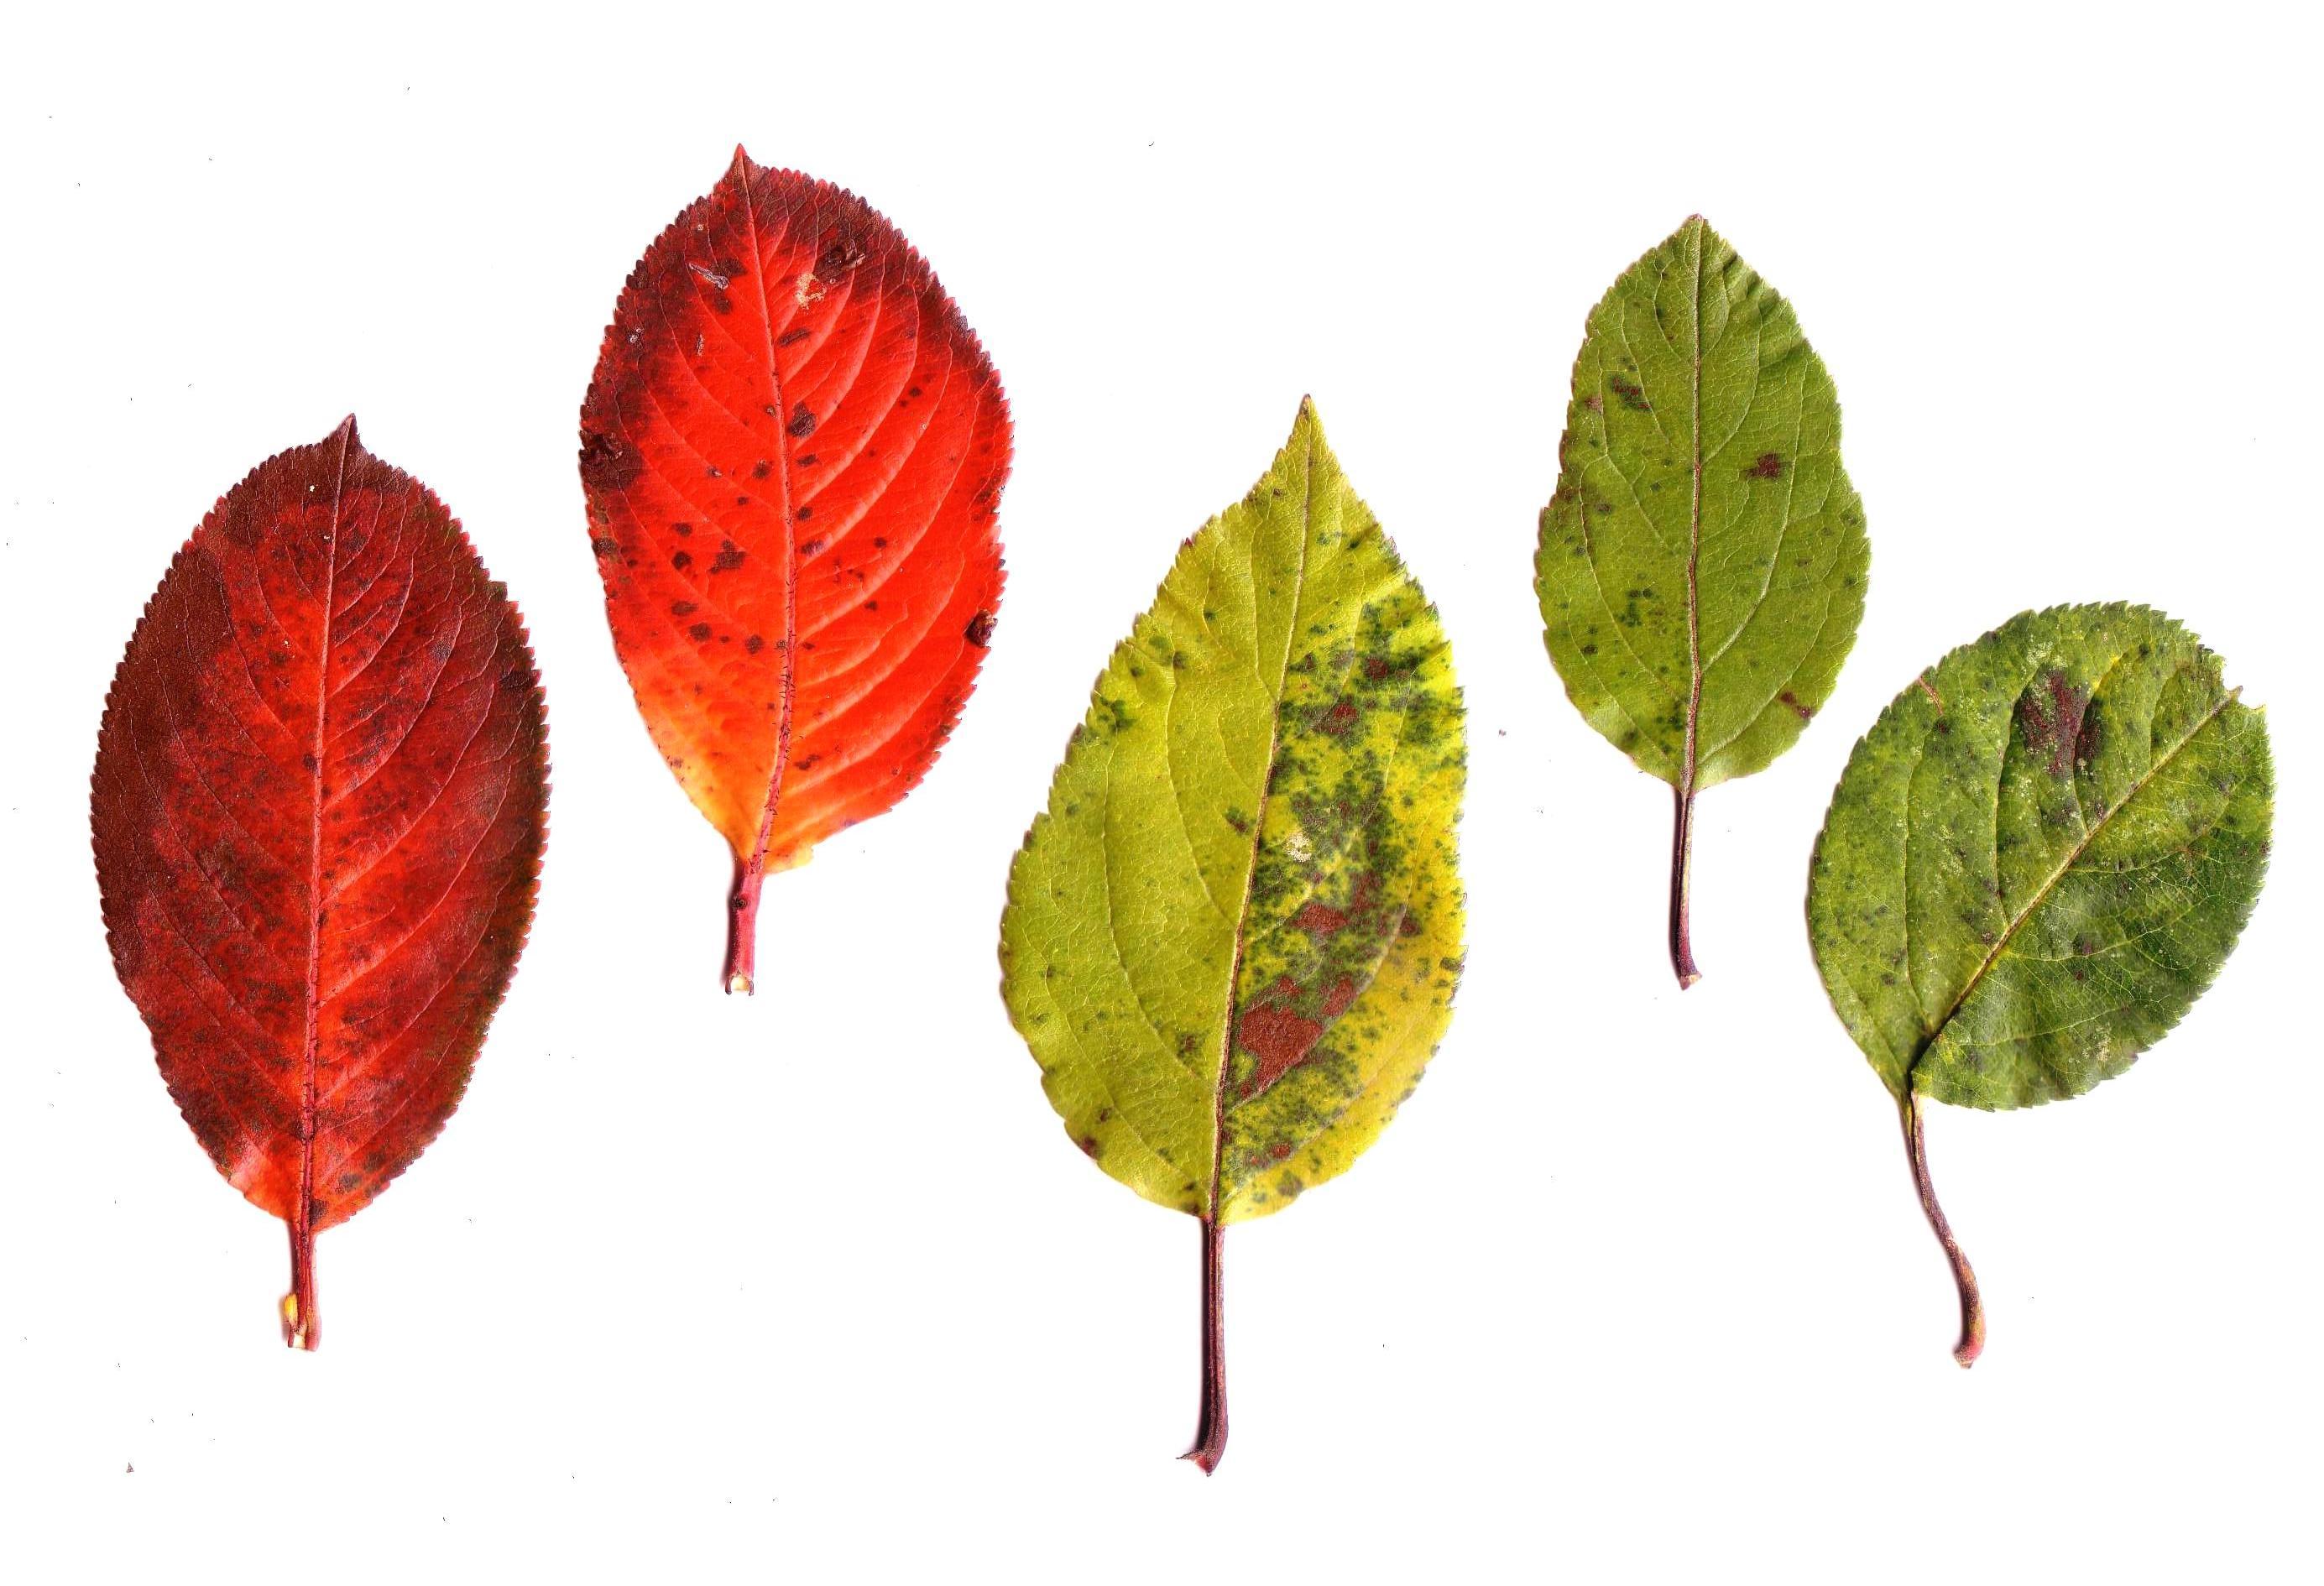 Im Vergleich zum Apfel haben Blätter der Aronia eine rote Herbstfärbung.